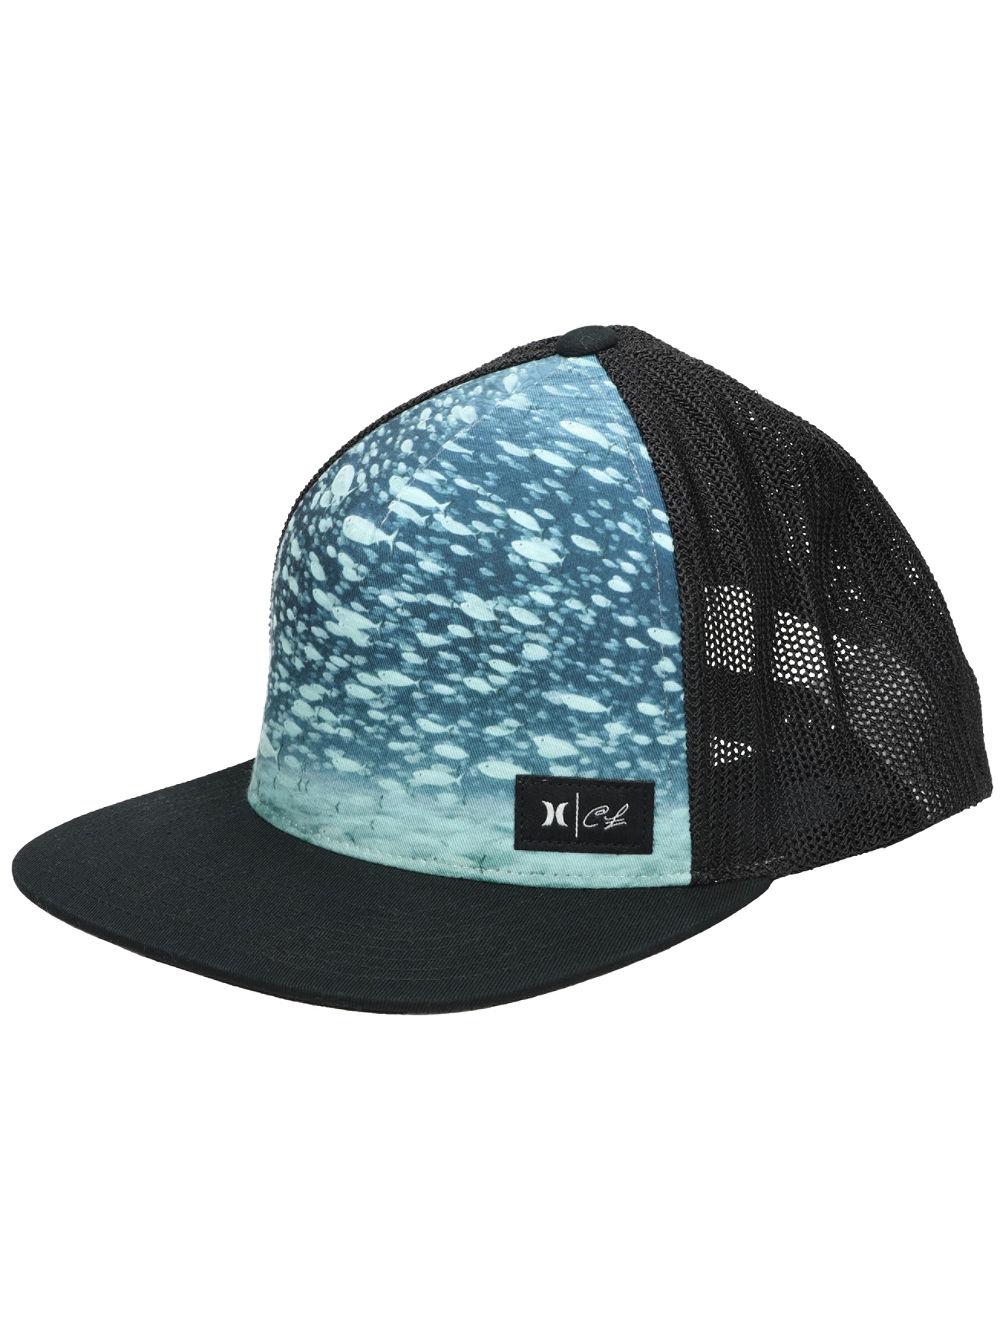 42d62960c09 Buy Hurley Clark Little Underwater Cap online at blue-tomato.com